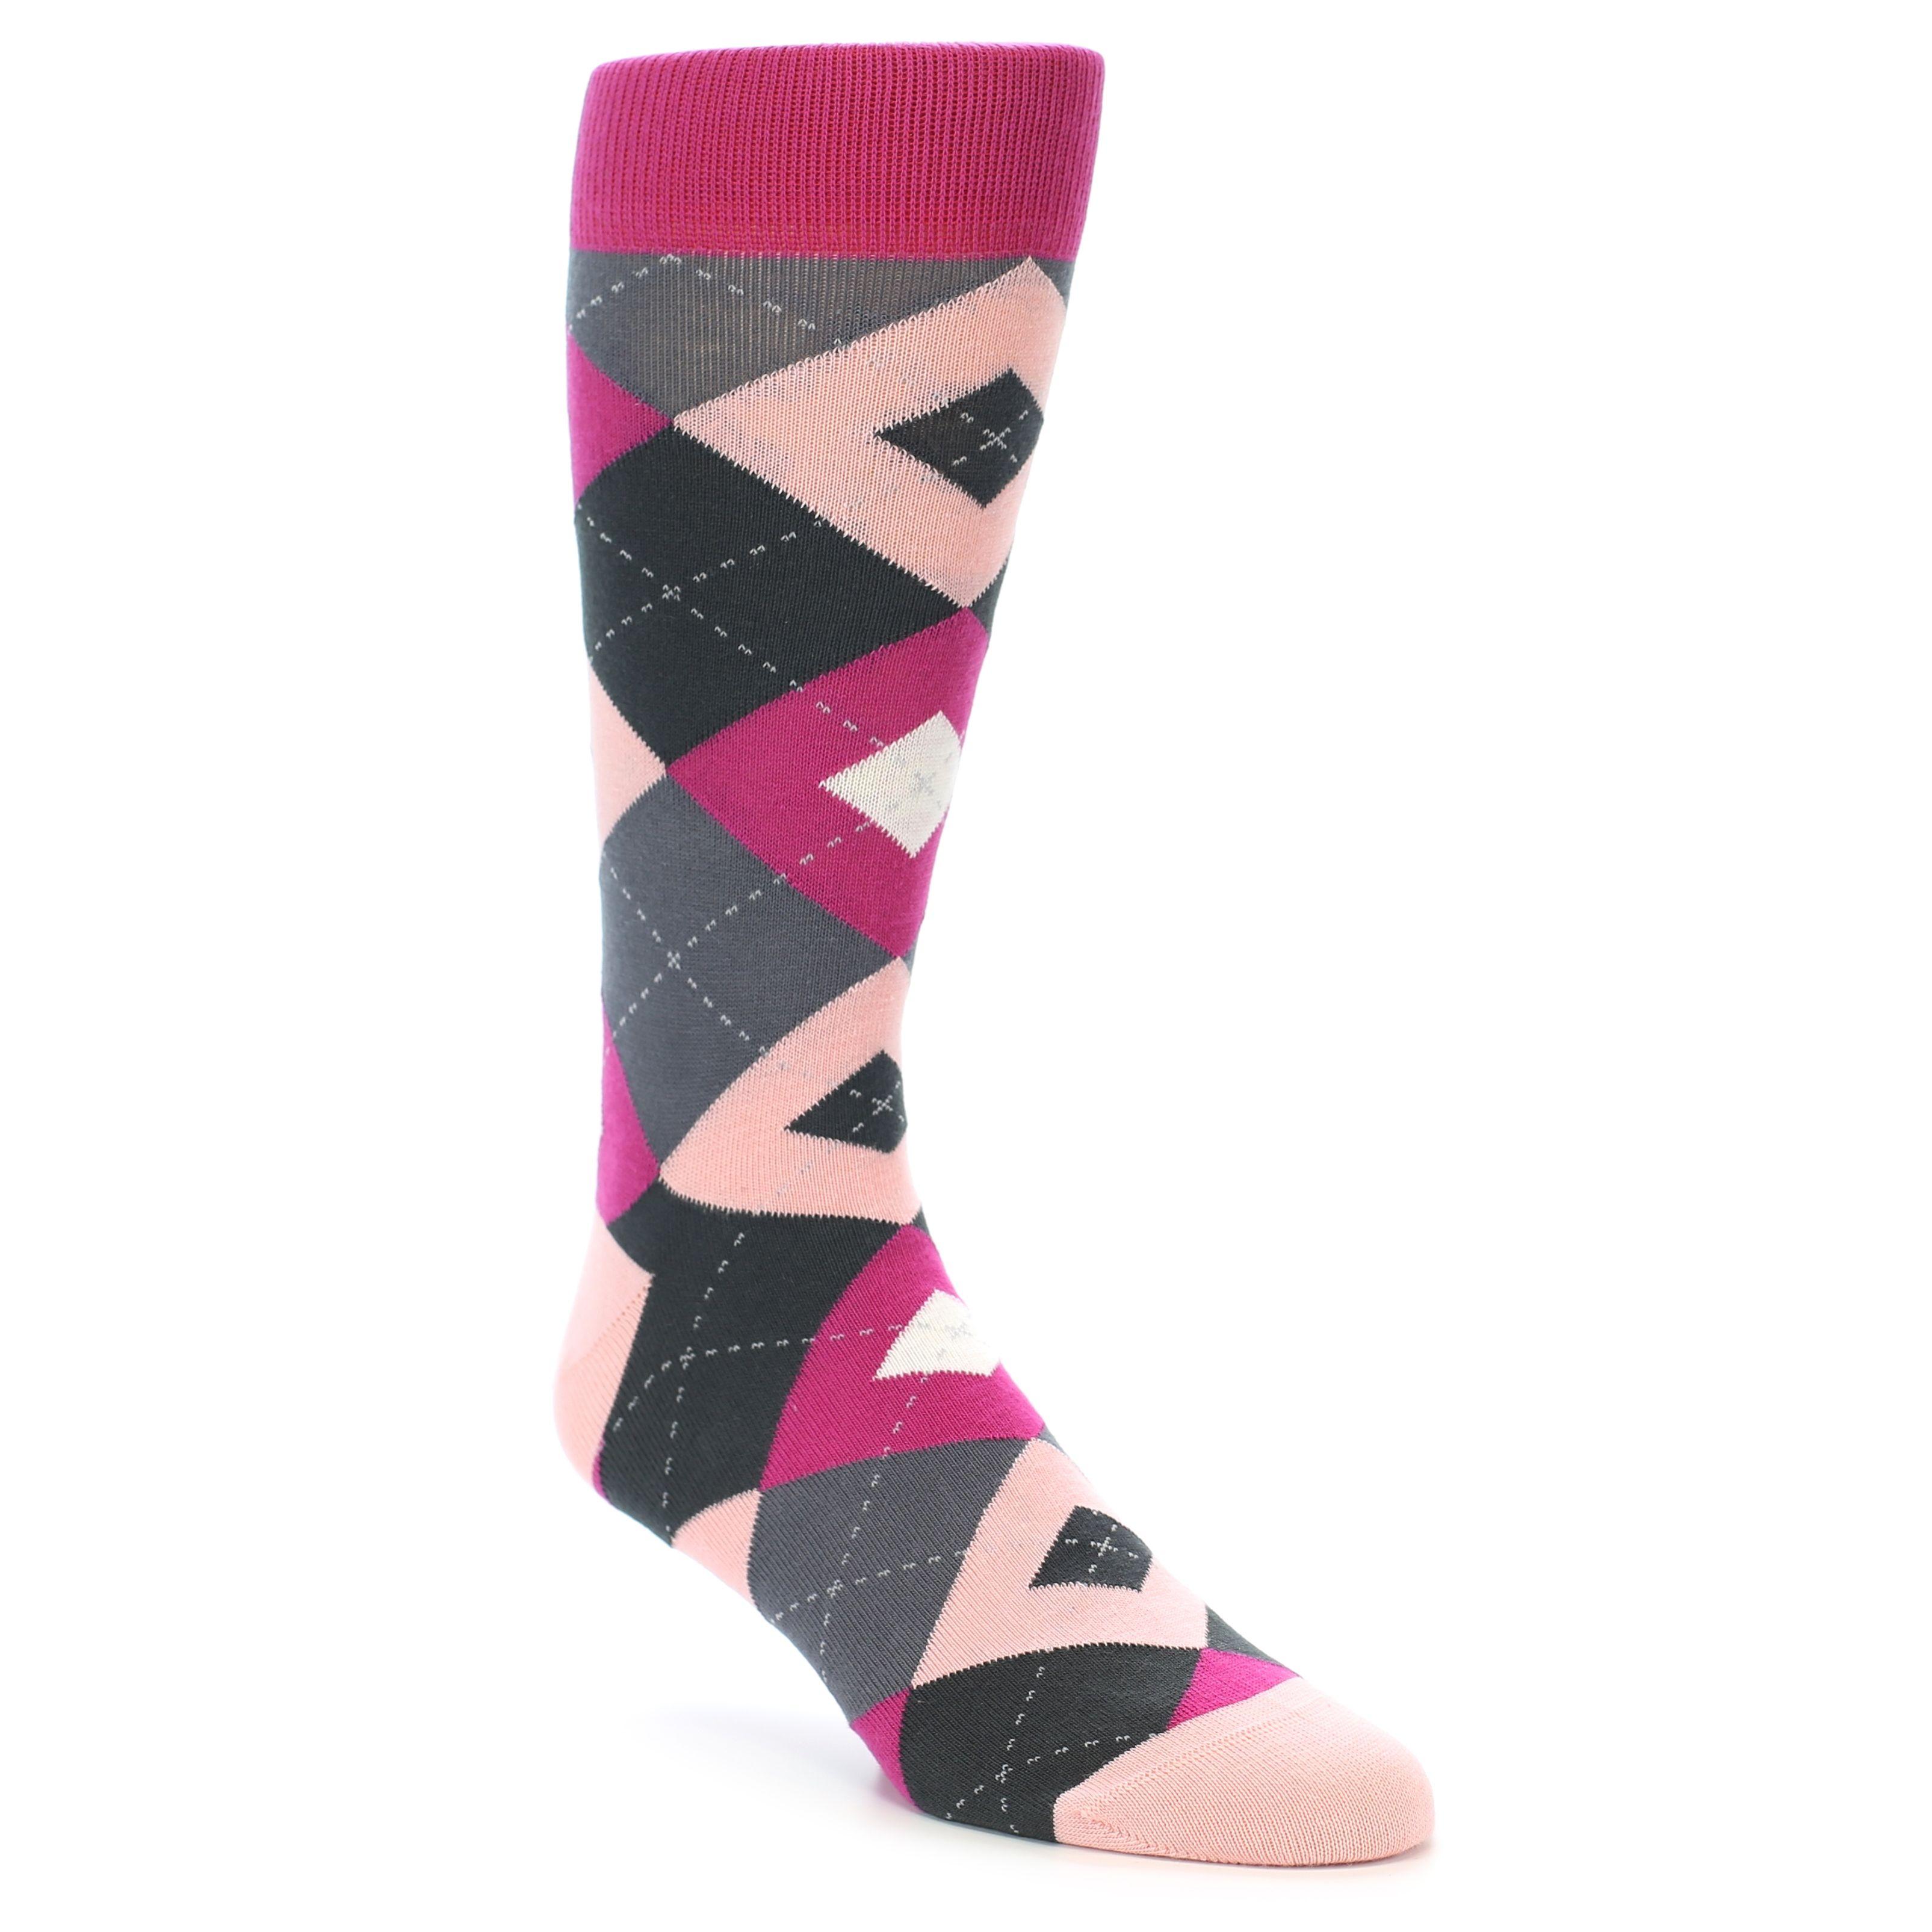 1000  images about Groomsmen socks on Pinterest  Socks Groomsmen ...